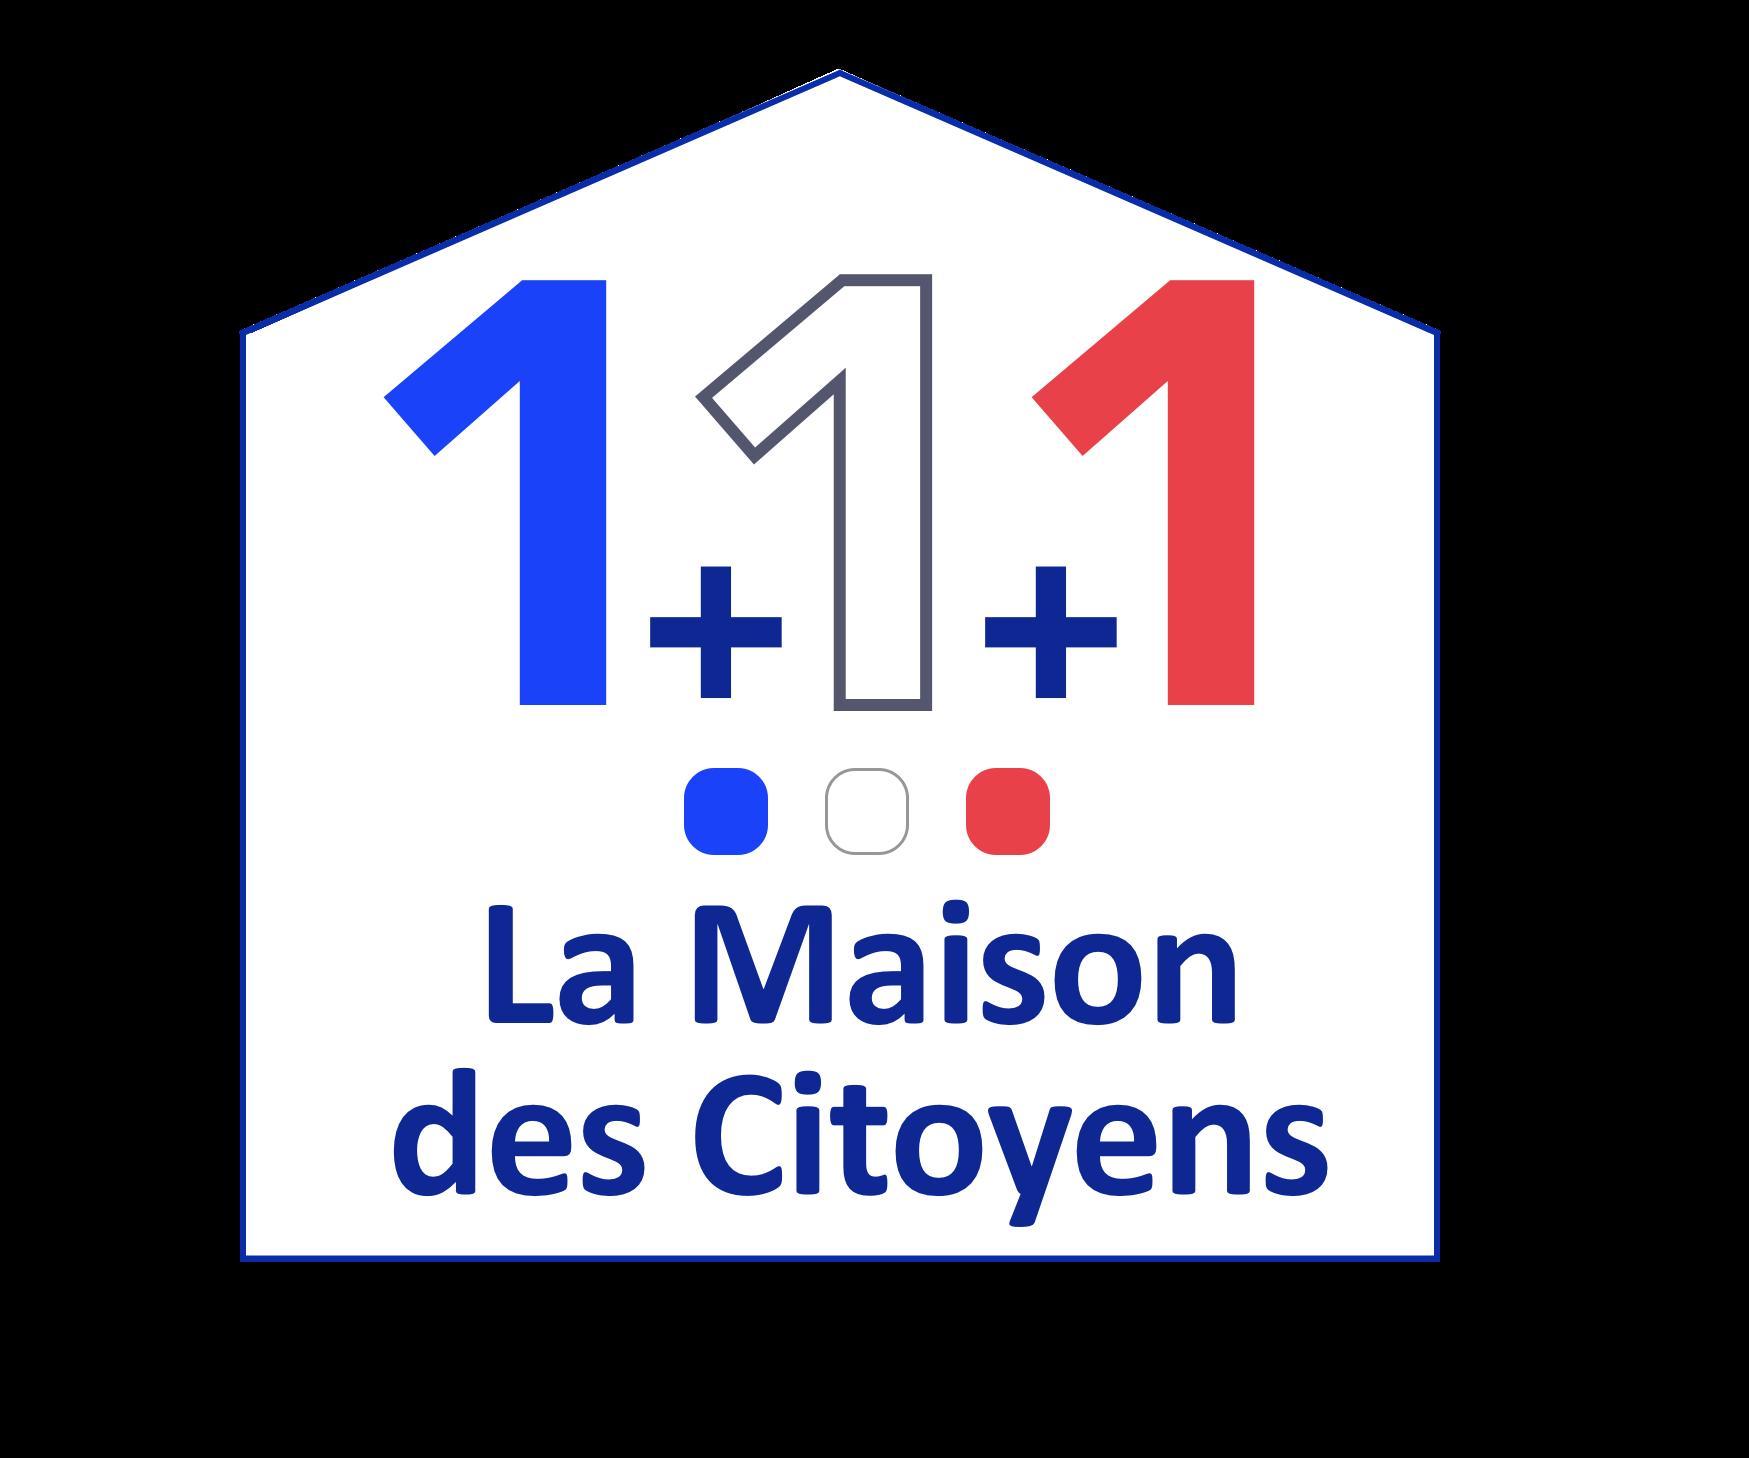 La Maison des citoyens